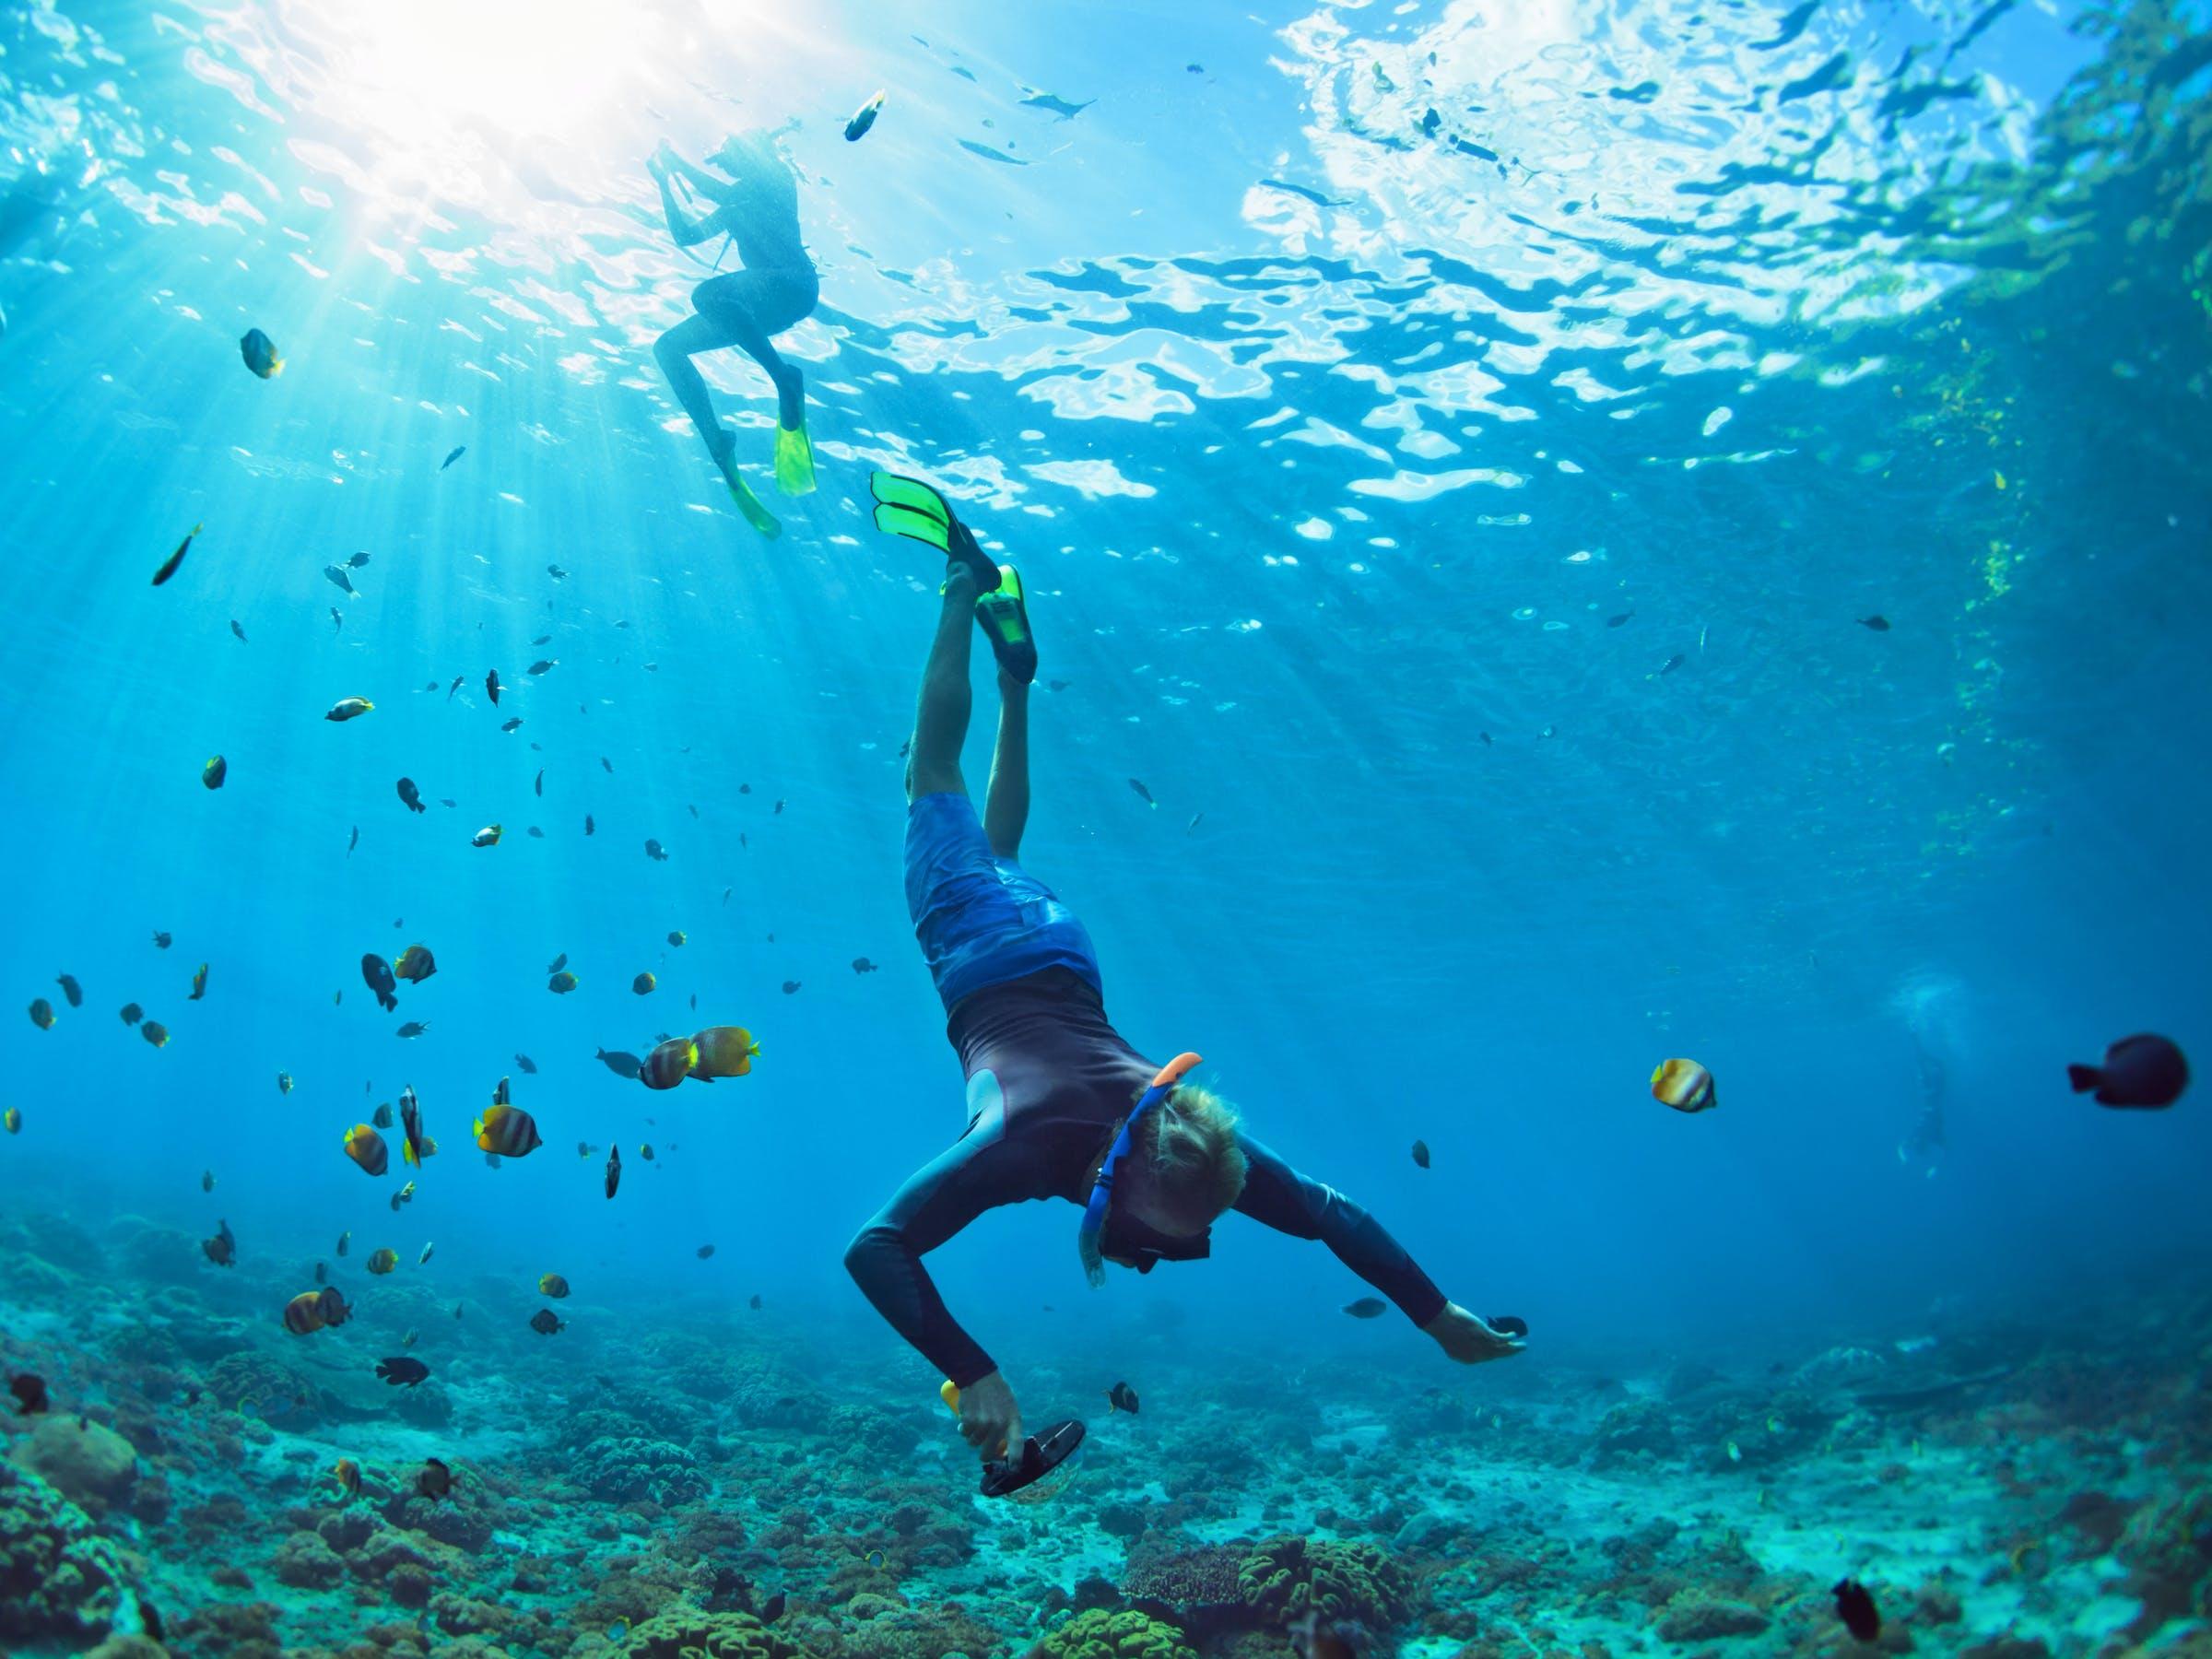 man snorkeling in tropical ocean